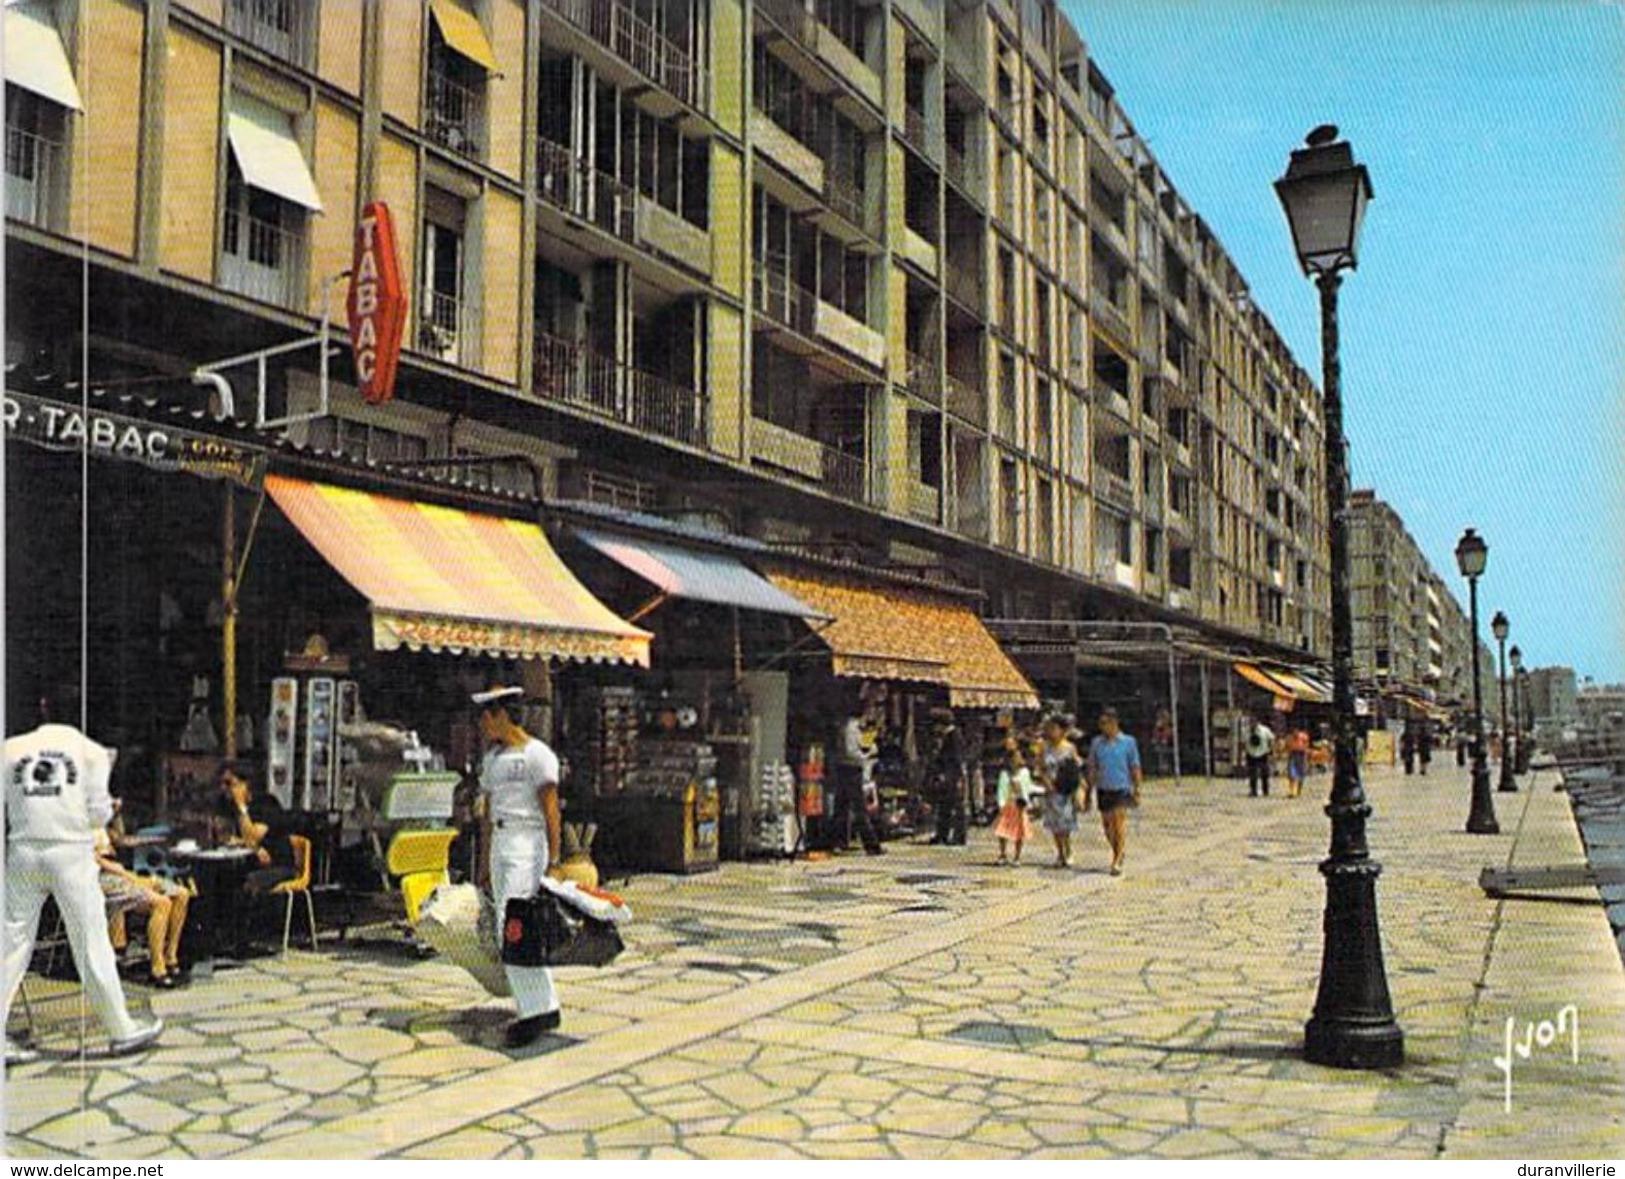 83 - TOULON - Le Port - Quais De La Sinse Et De Stalingrad - Ed. Yvon 10 83 0563 Tabac - Toulon